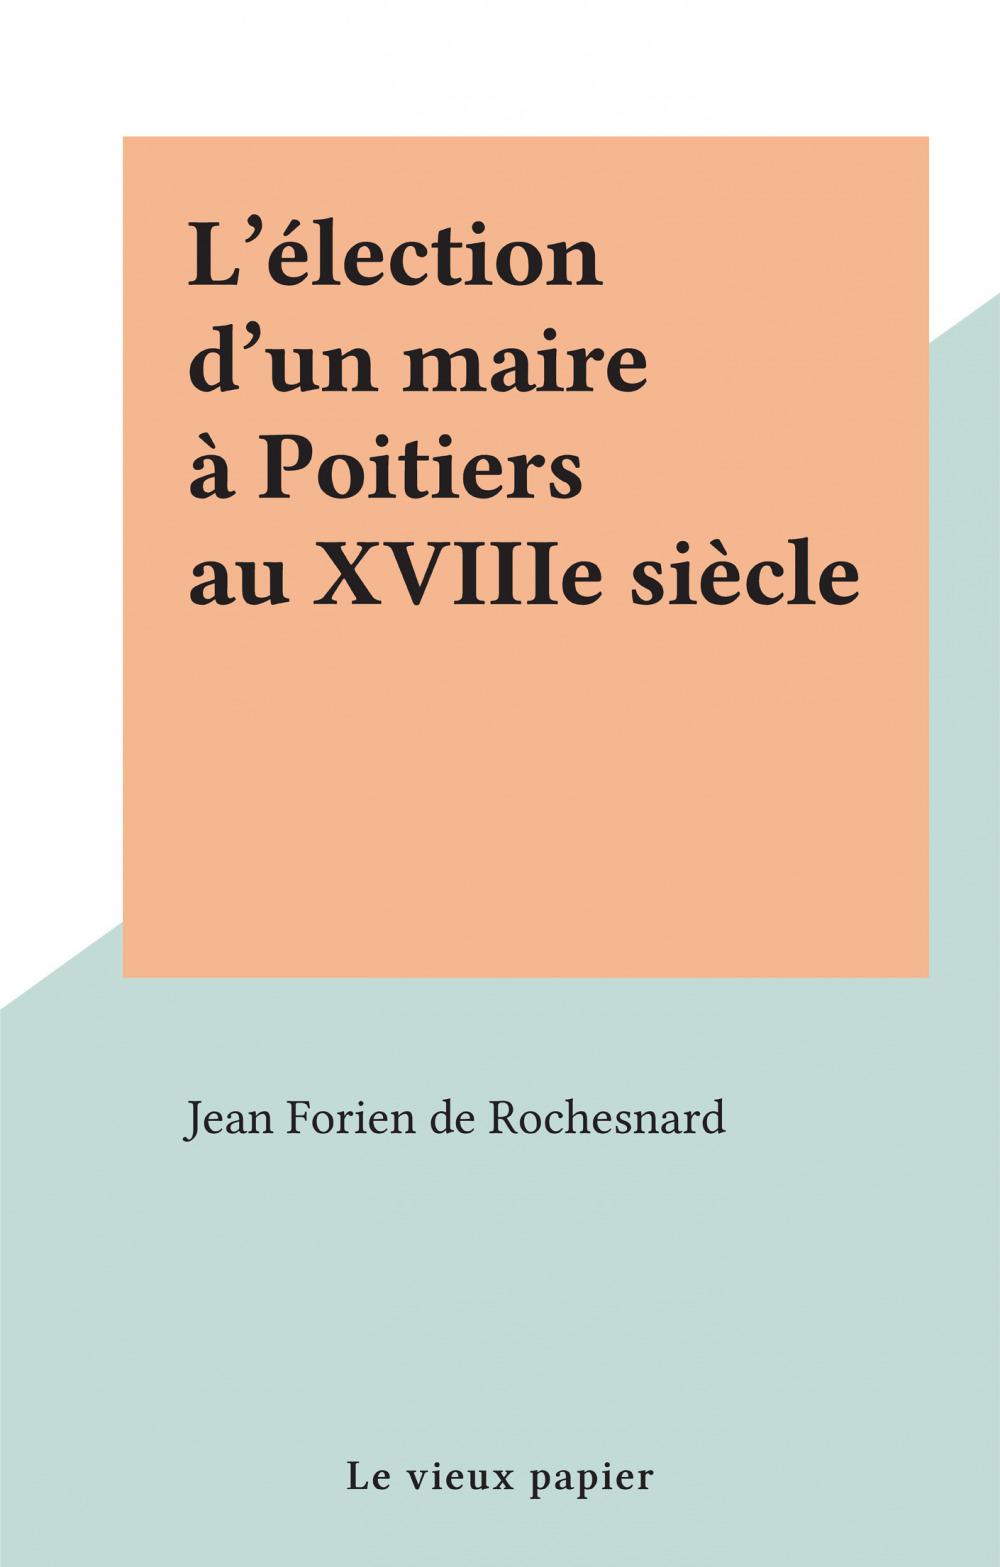 L'élection d'un maire à Poitiers au XVIIIe siècle  - Jean Forien de Rochesnard